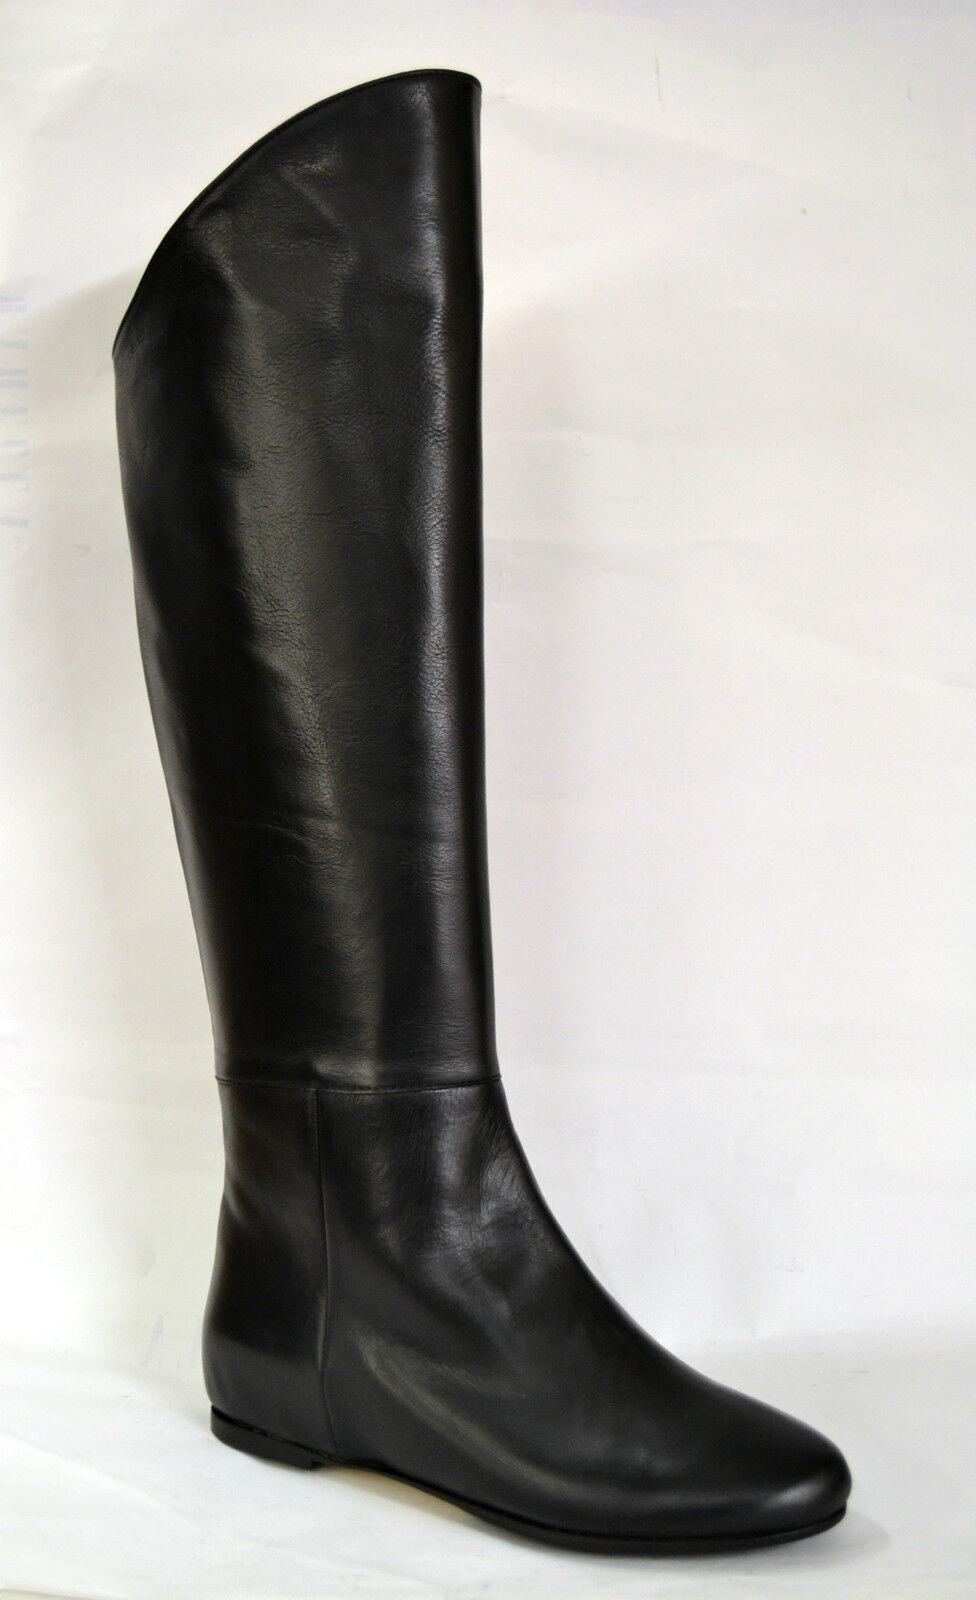 Grandes zapatos con descuento STIVALI DONNA NERO VERA PELLE MADE IN ITALY PRODUZIONE PROPRIA ARTIGIANALI